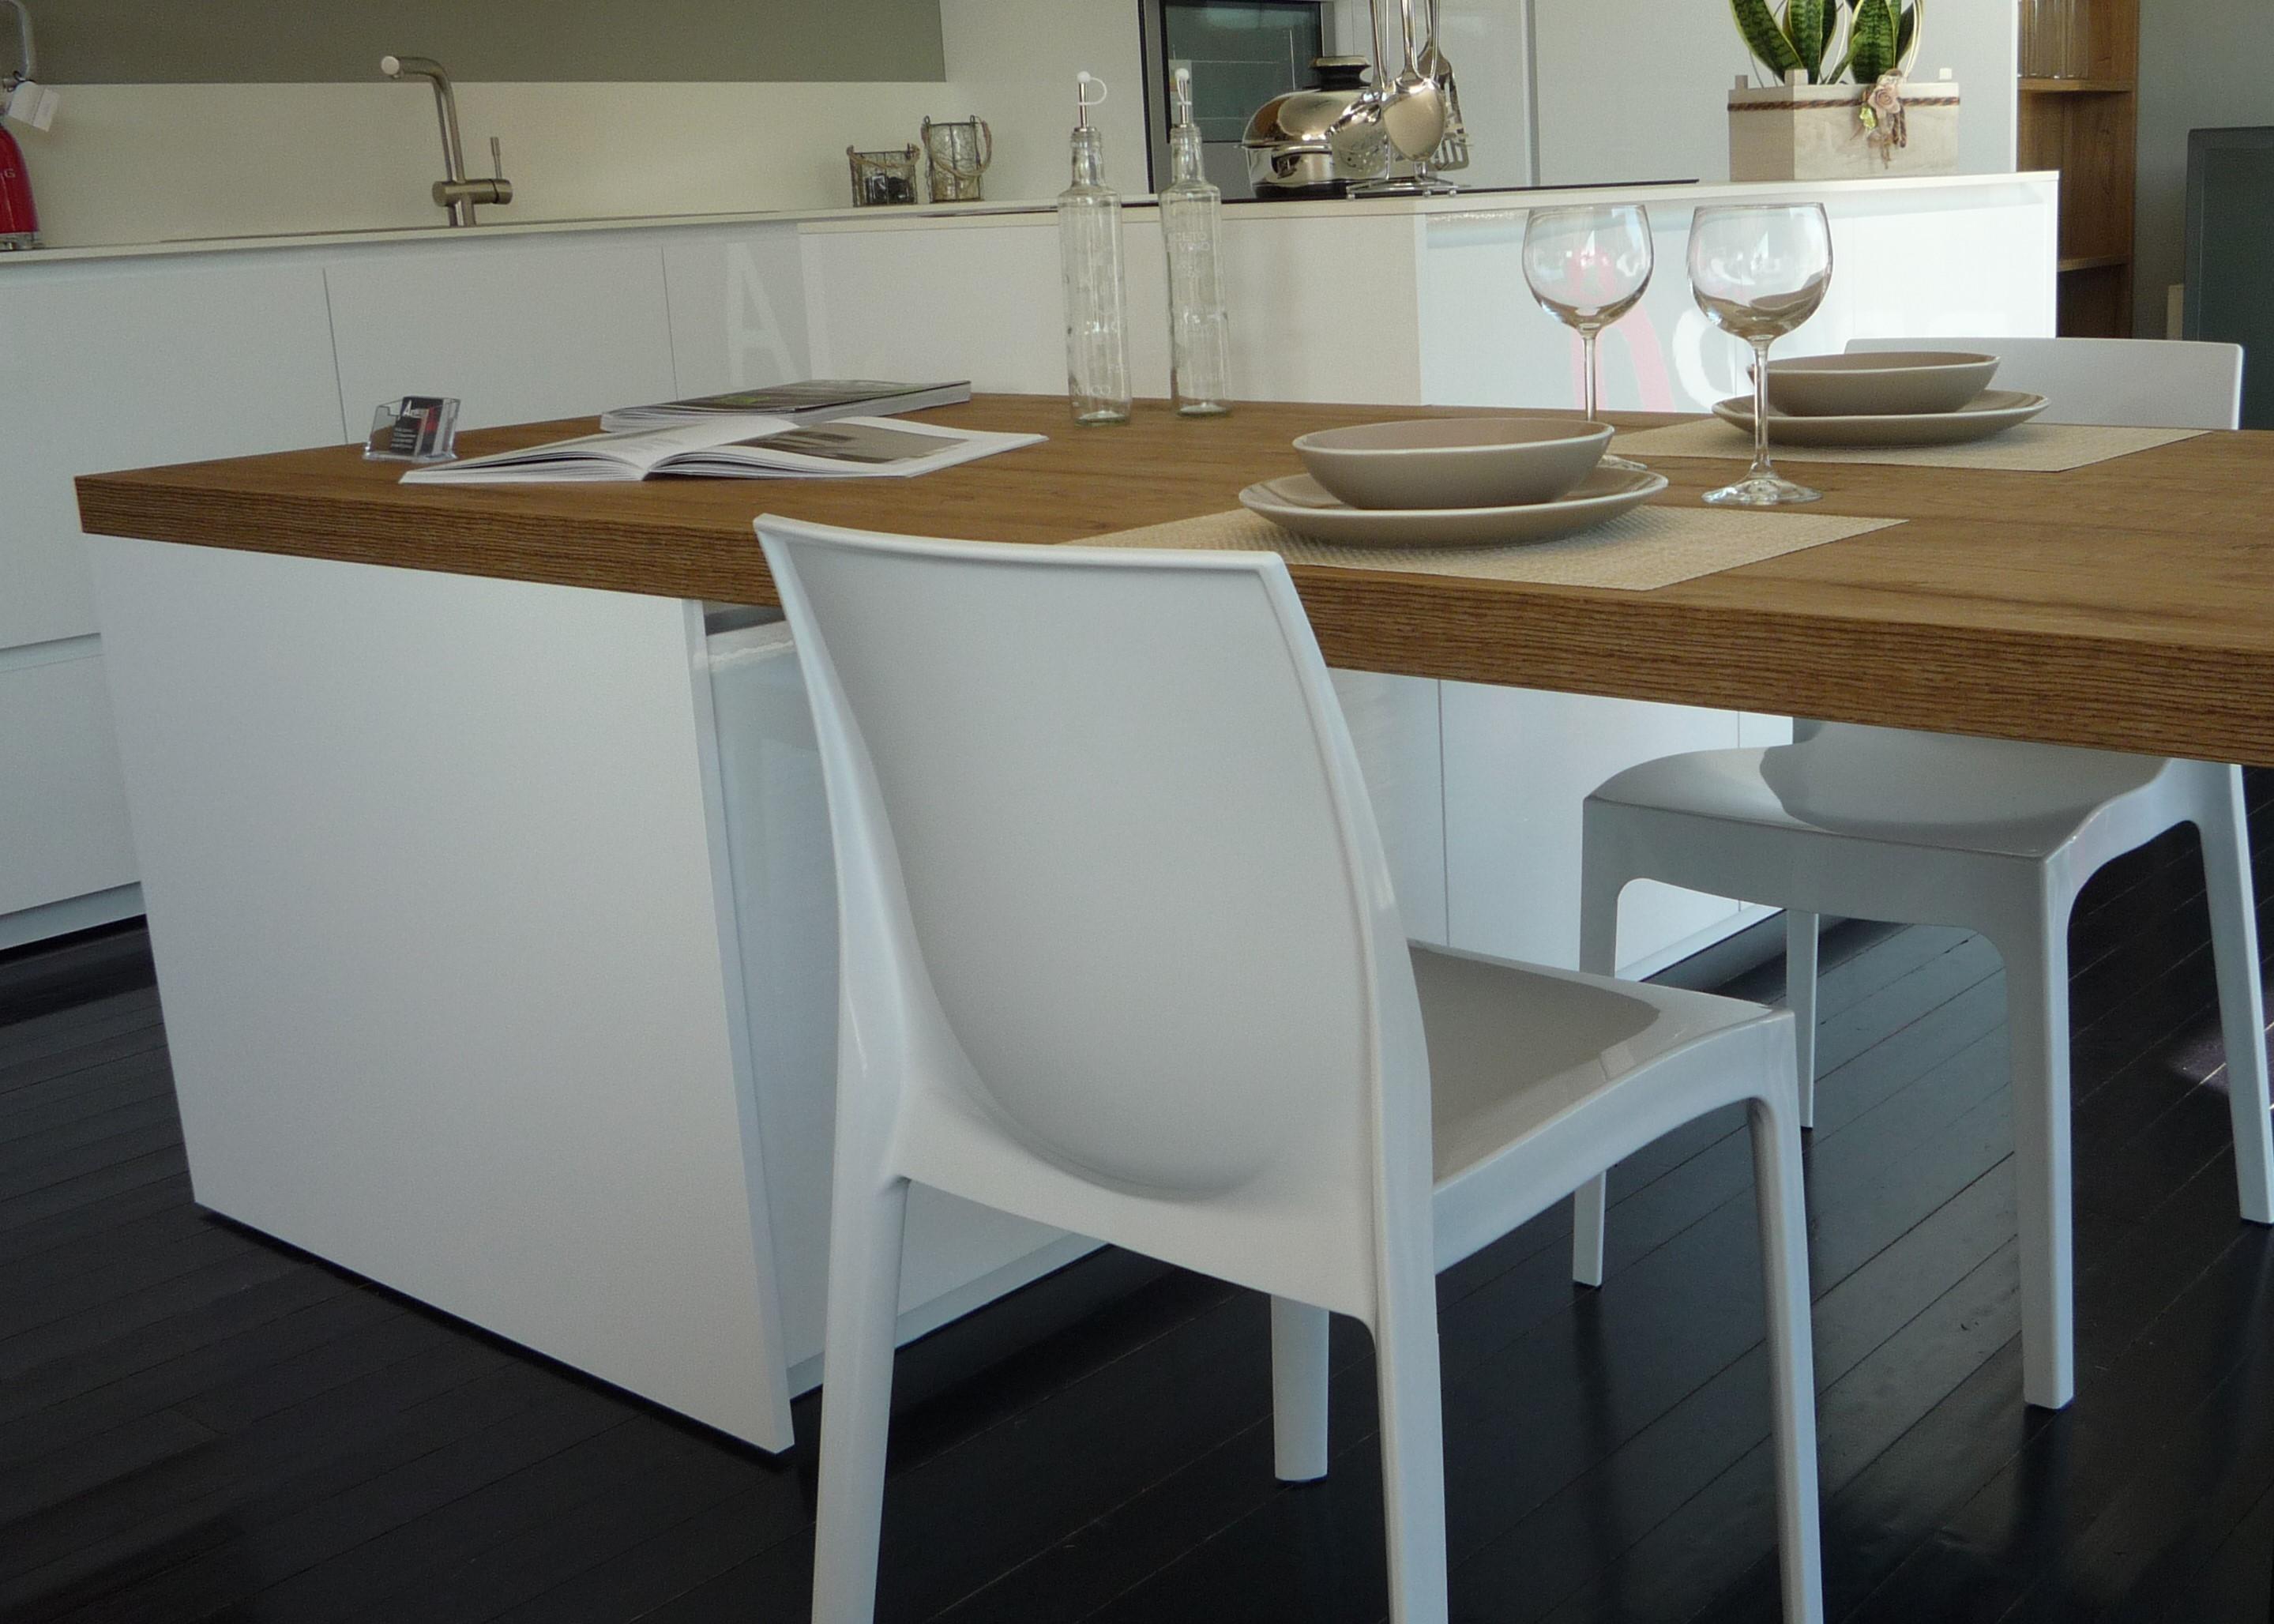 Cucina con isola Gentili scontata del 62% per rinnovo mostra ...